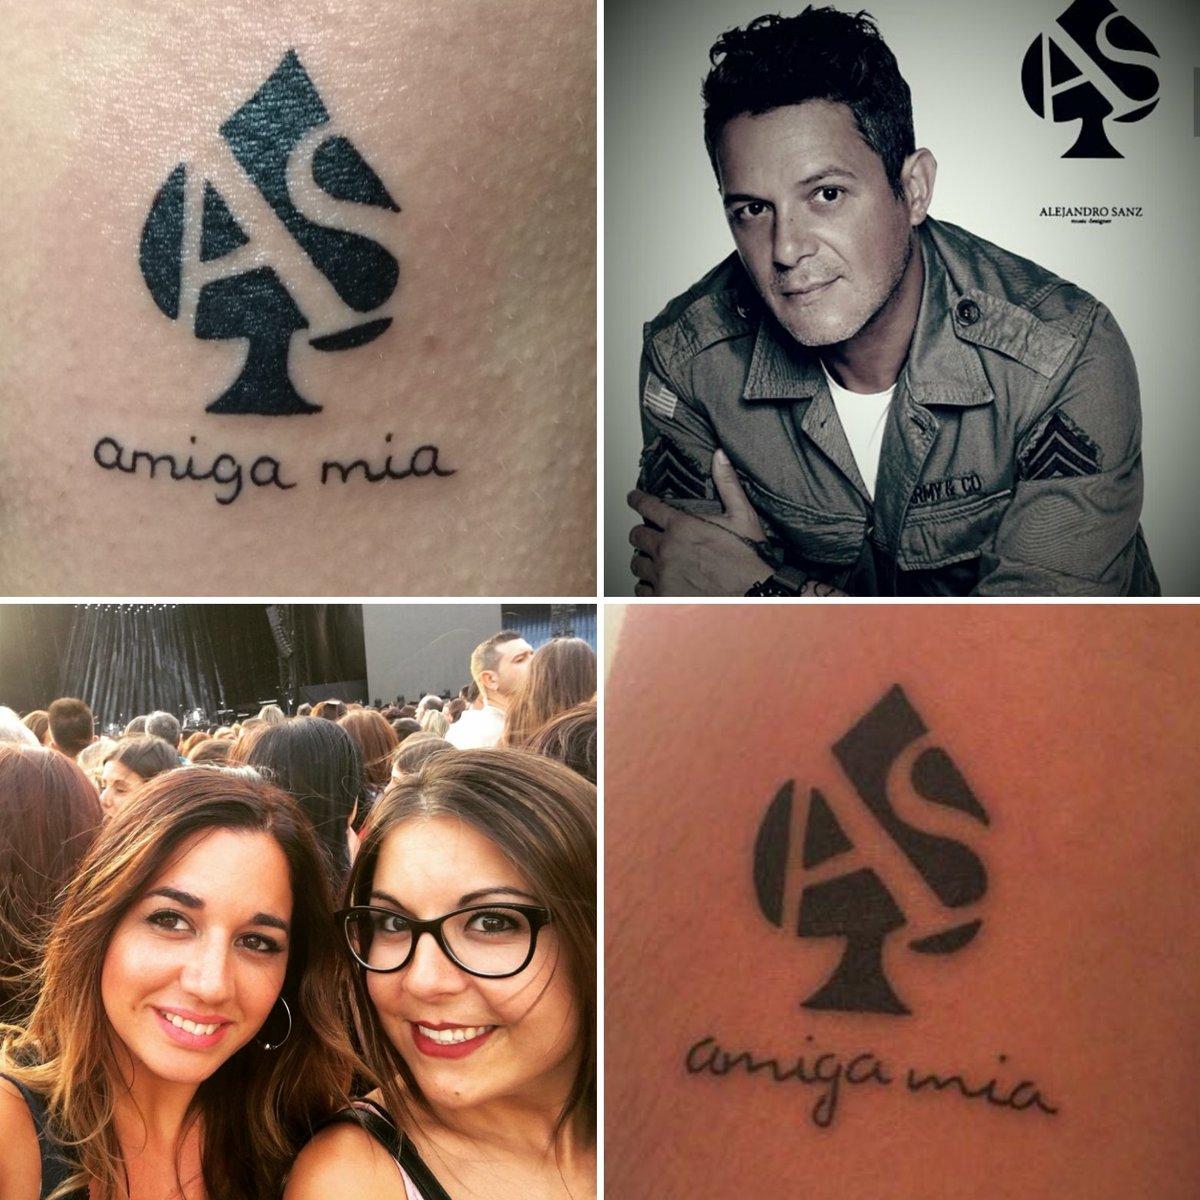 """Todos Los Tatuajes De Alejandro Sanz alejandro sanz on twitter: """"cuantas muestras de cariño me llegan"""